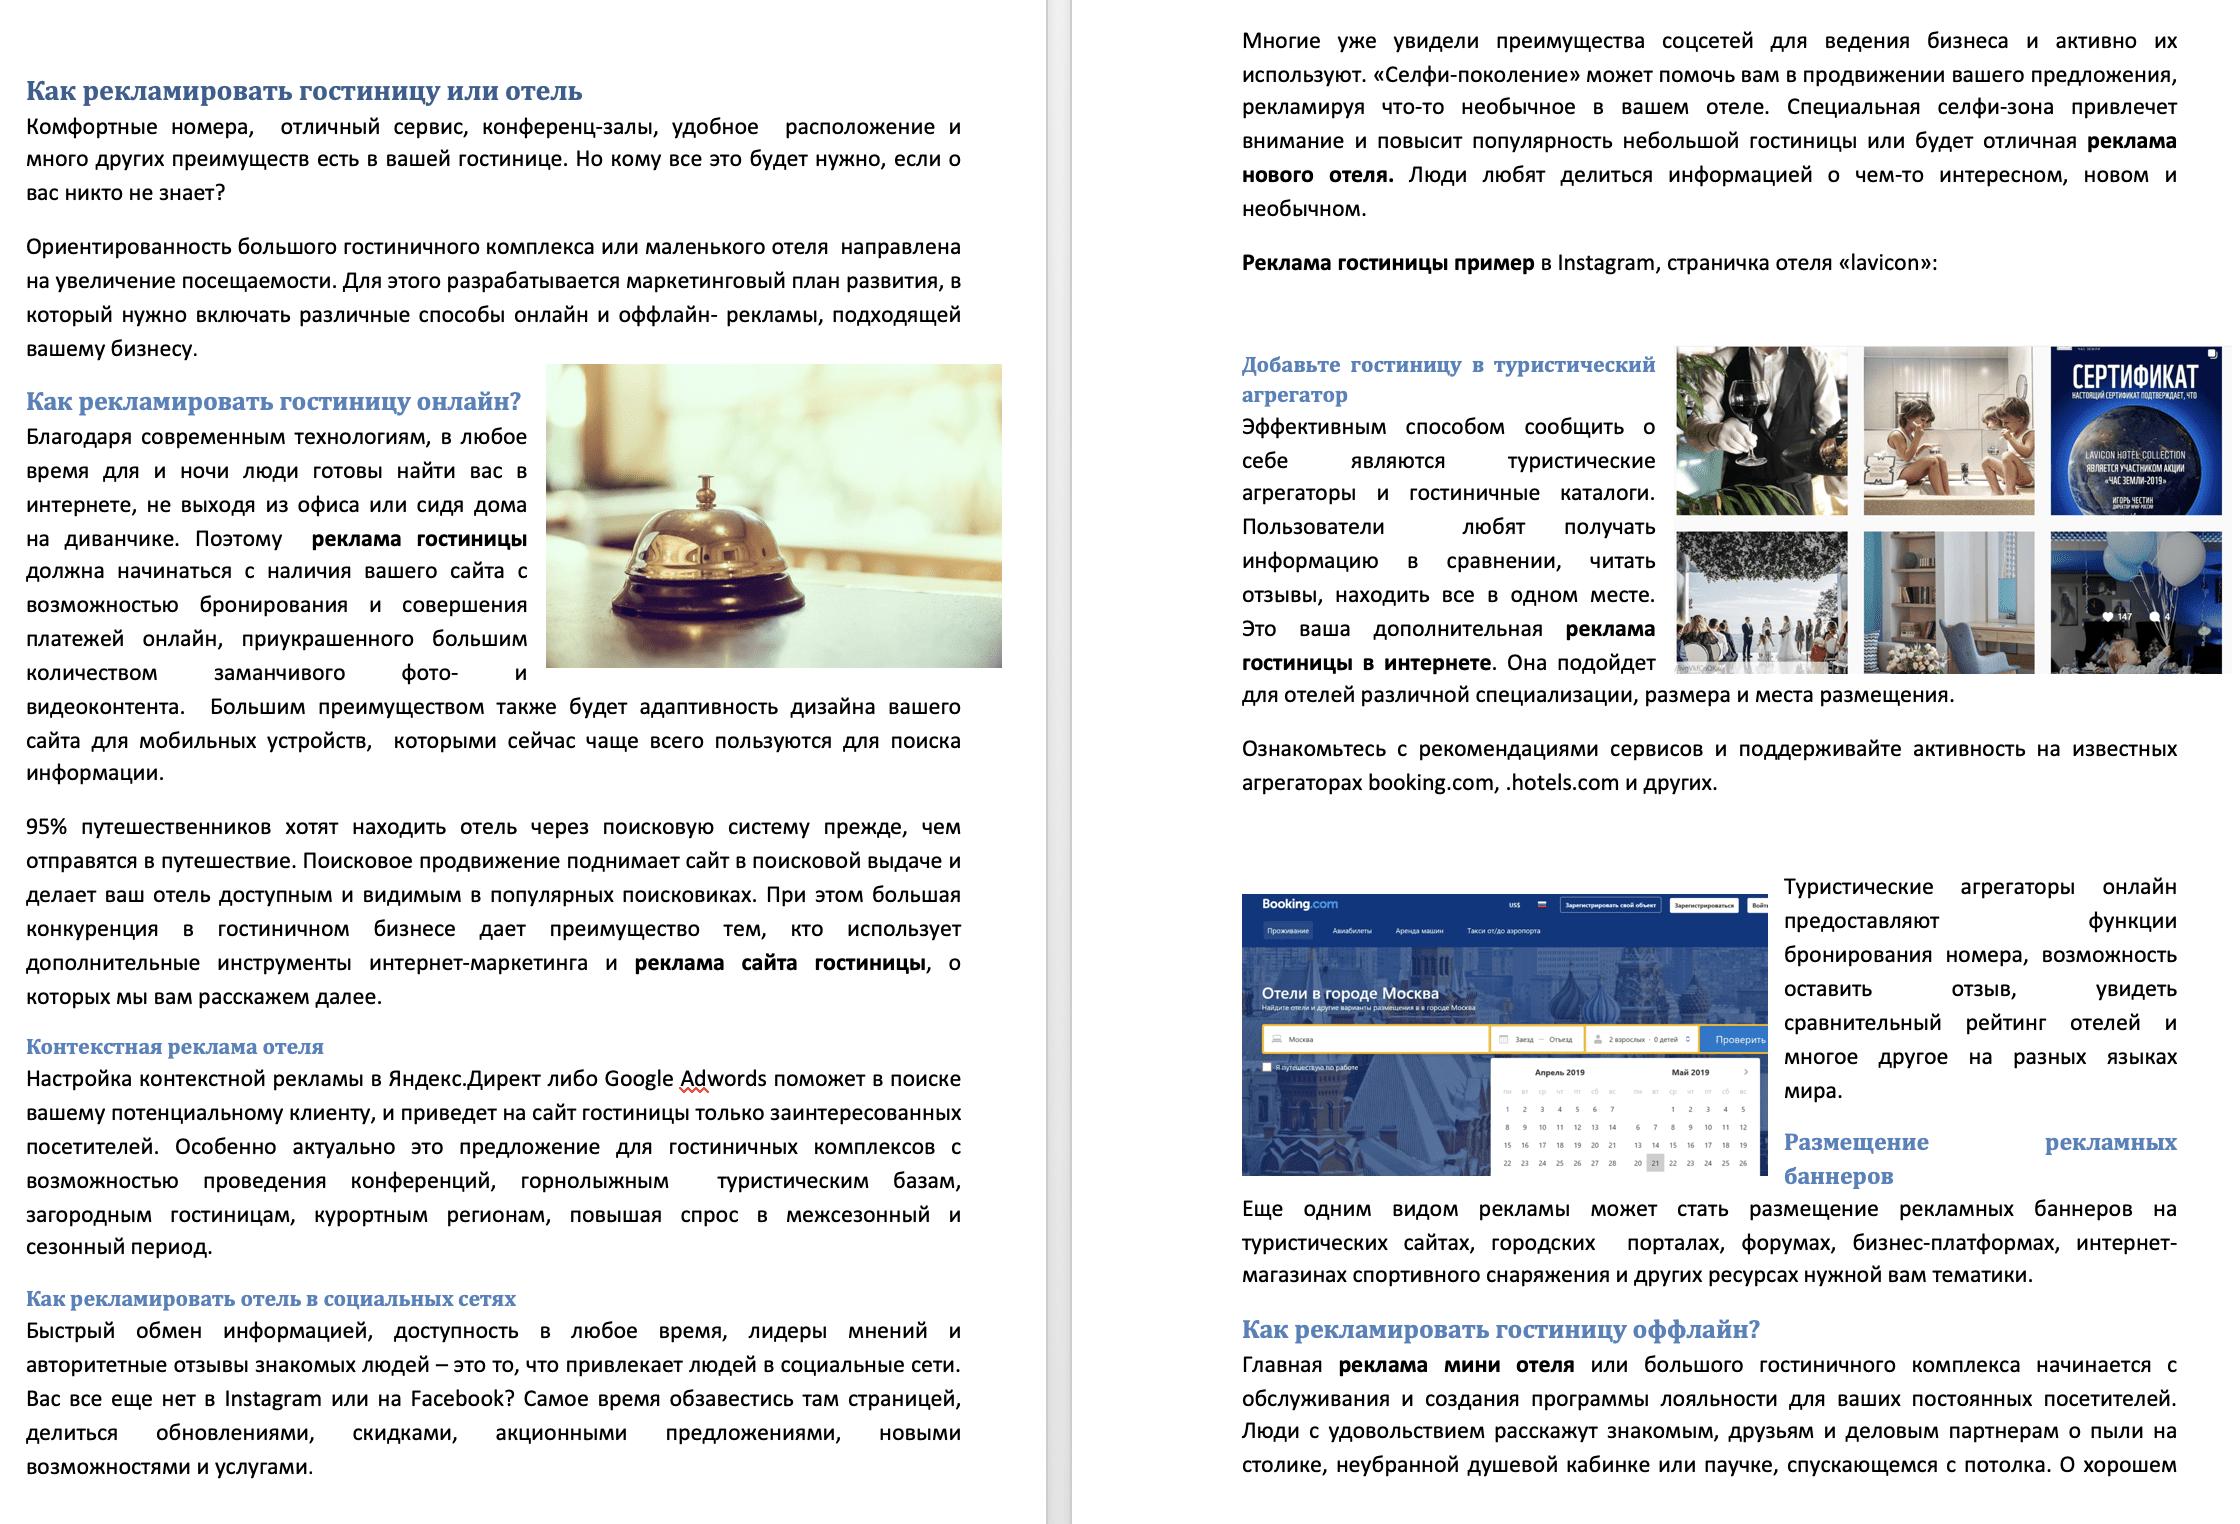 Пример текста №2 – Текст о рекламе гостиницы онлайн.